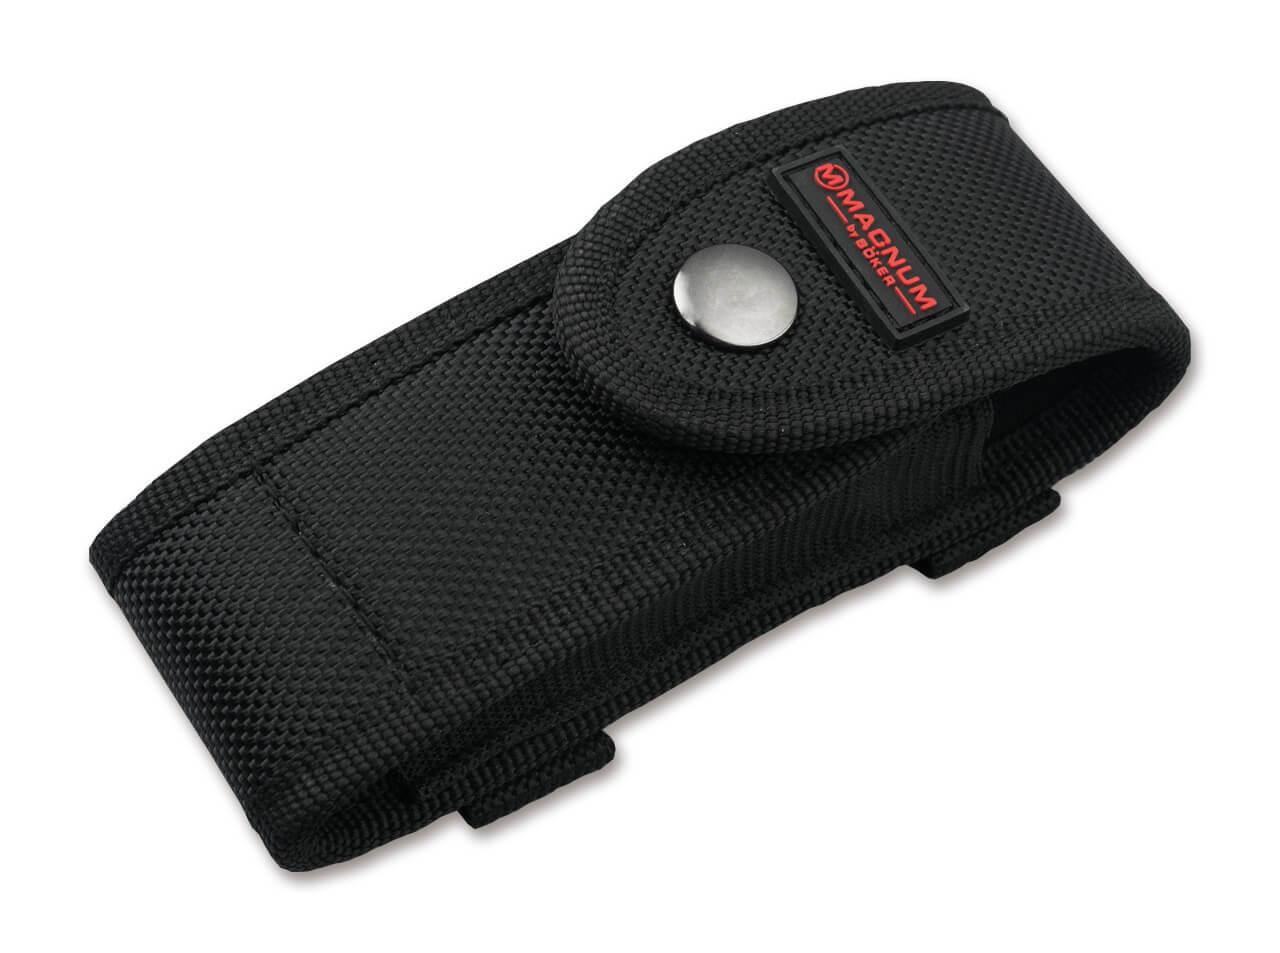 Taschenmesser Böker Magnum Blomkvist EDC Messer Einhandmesser 01MB735